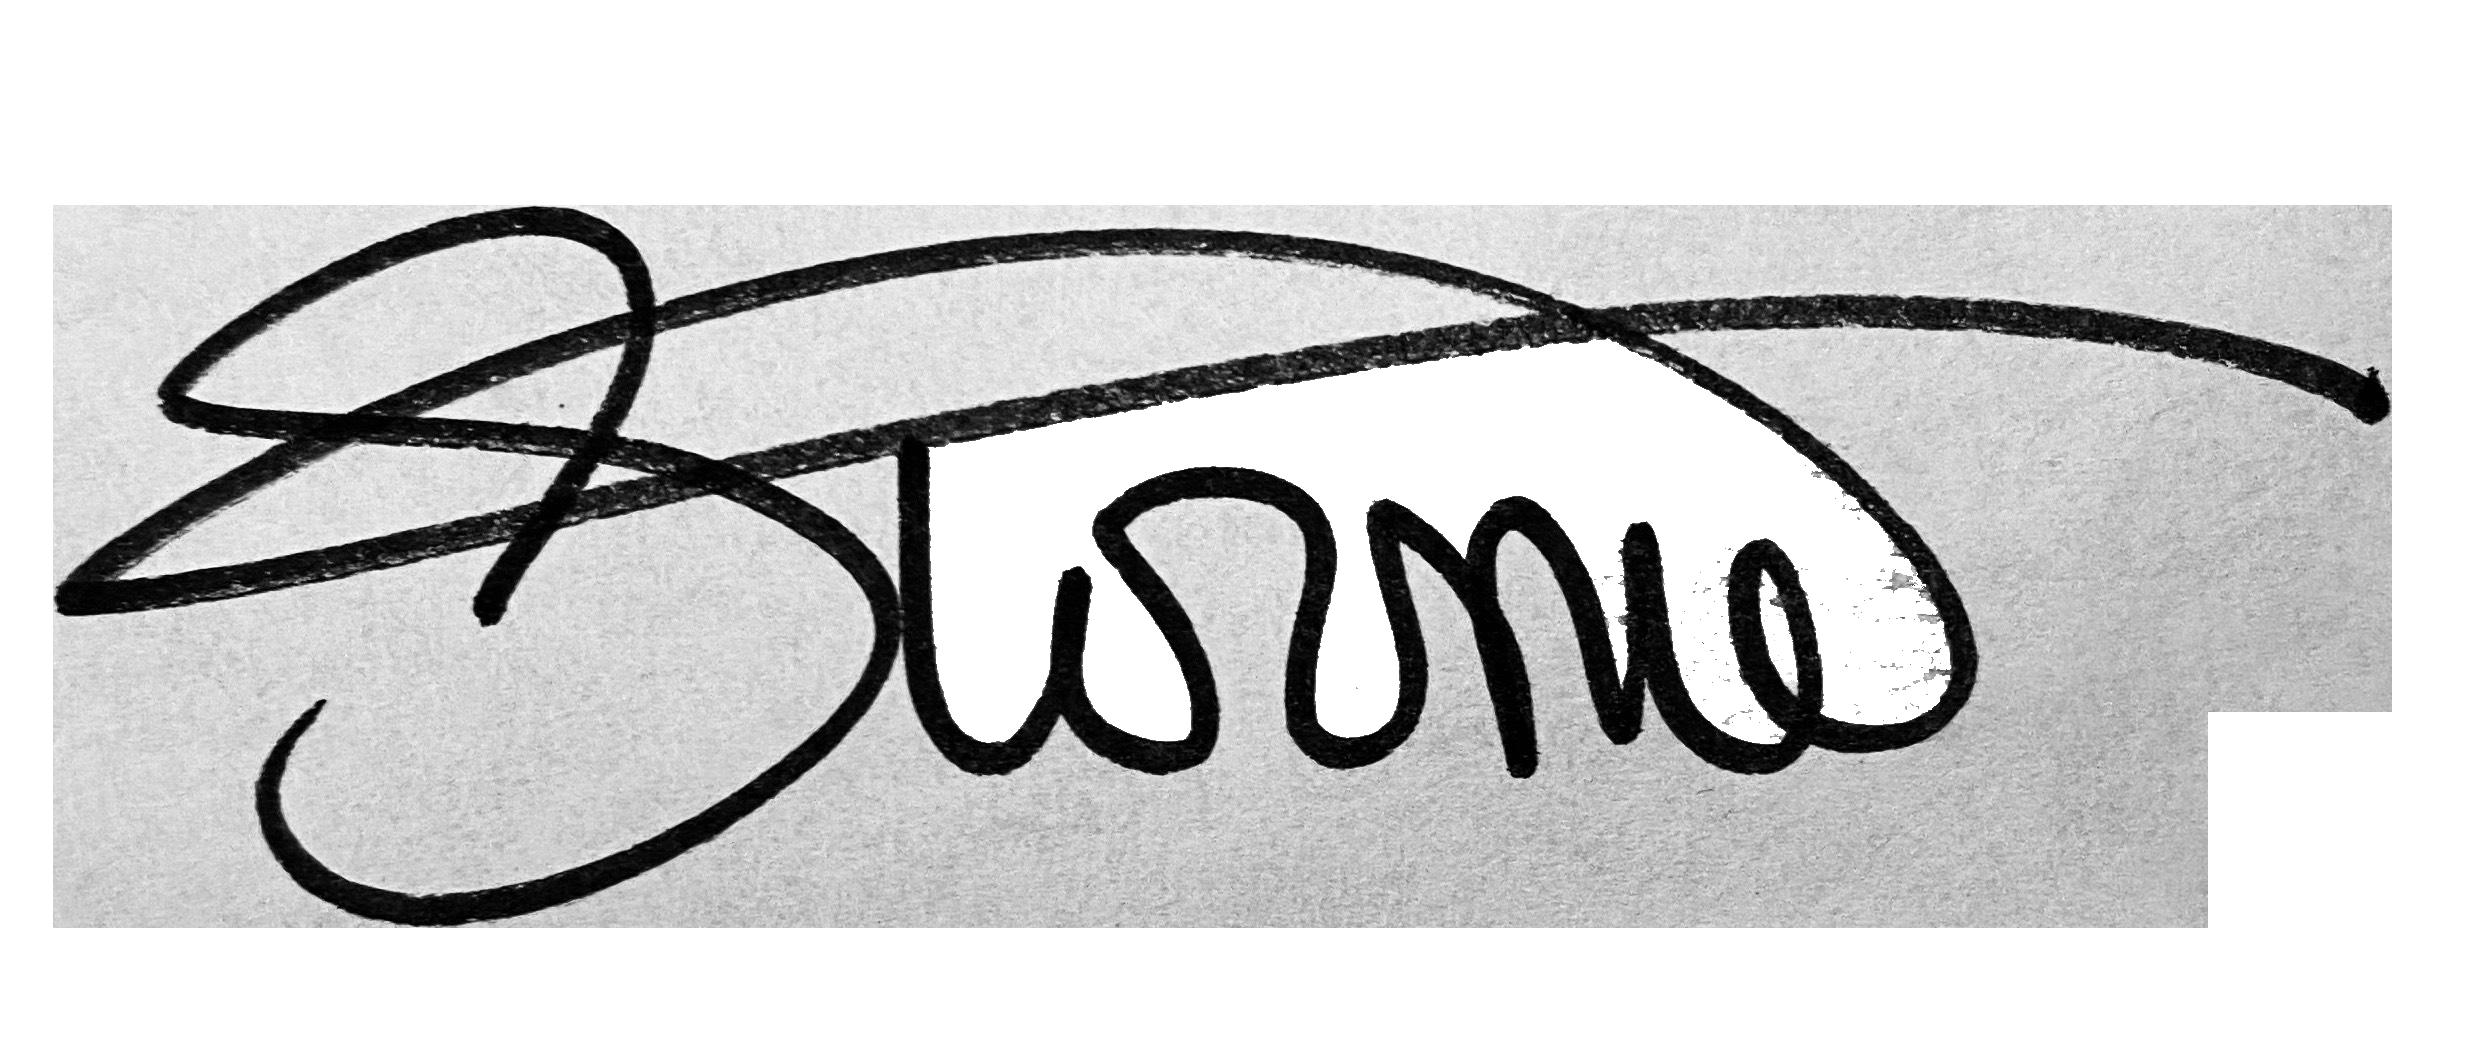 Storme signature